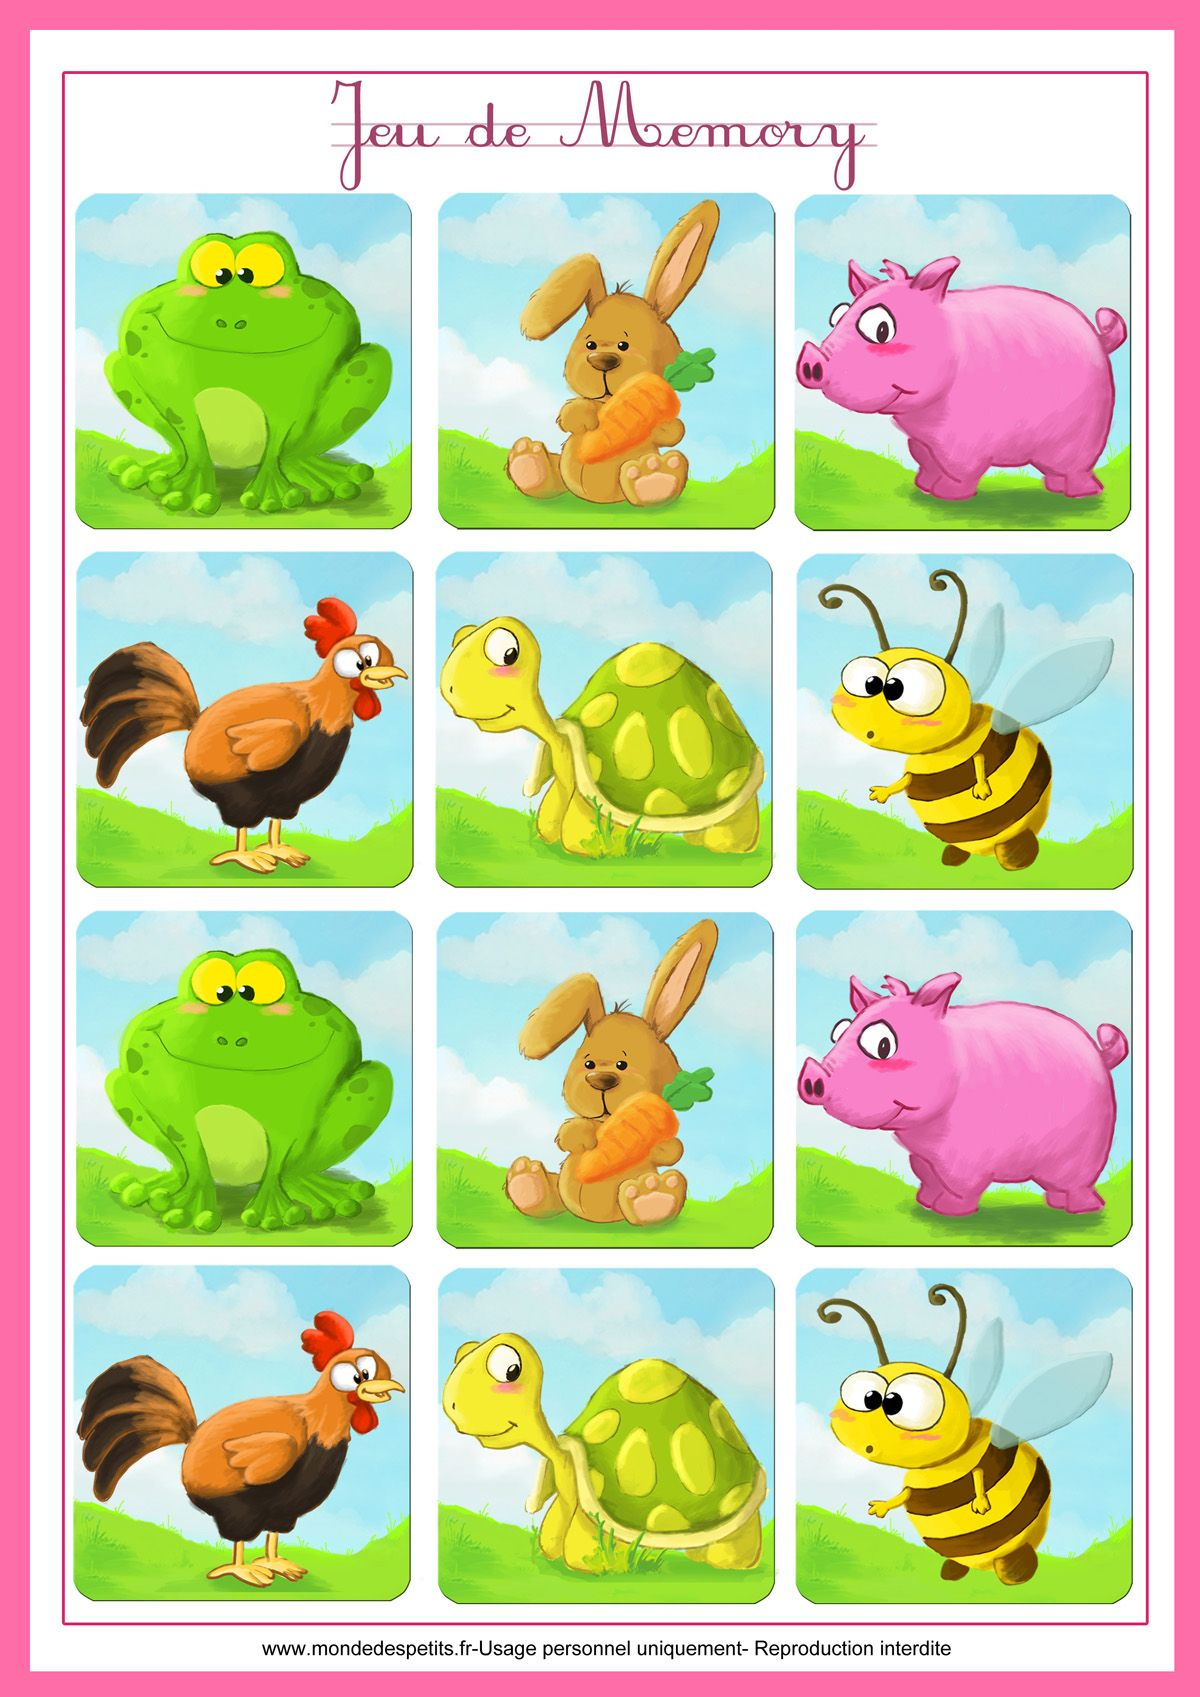 Jeu-Memory-Animaux-Imprimer 1 200×1 697 Пикс | Jeu De serapportantà Jeux De Memory Gratuit